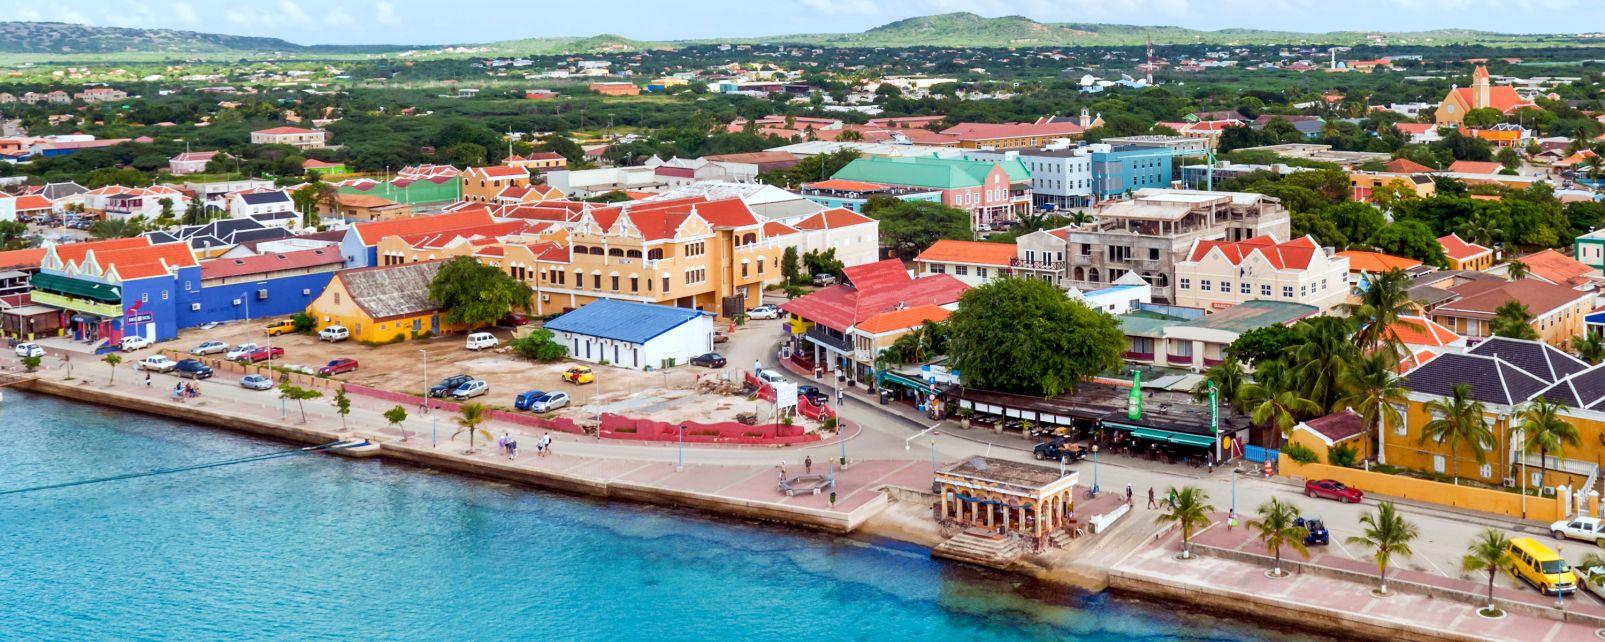 Kralendijk, Aruba Bonaire Curaçao, Kralendijk, Bonaire